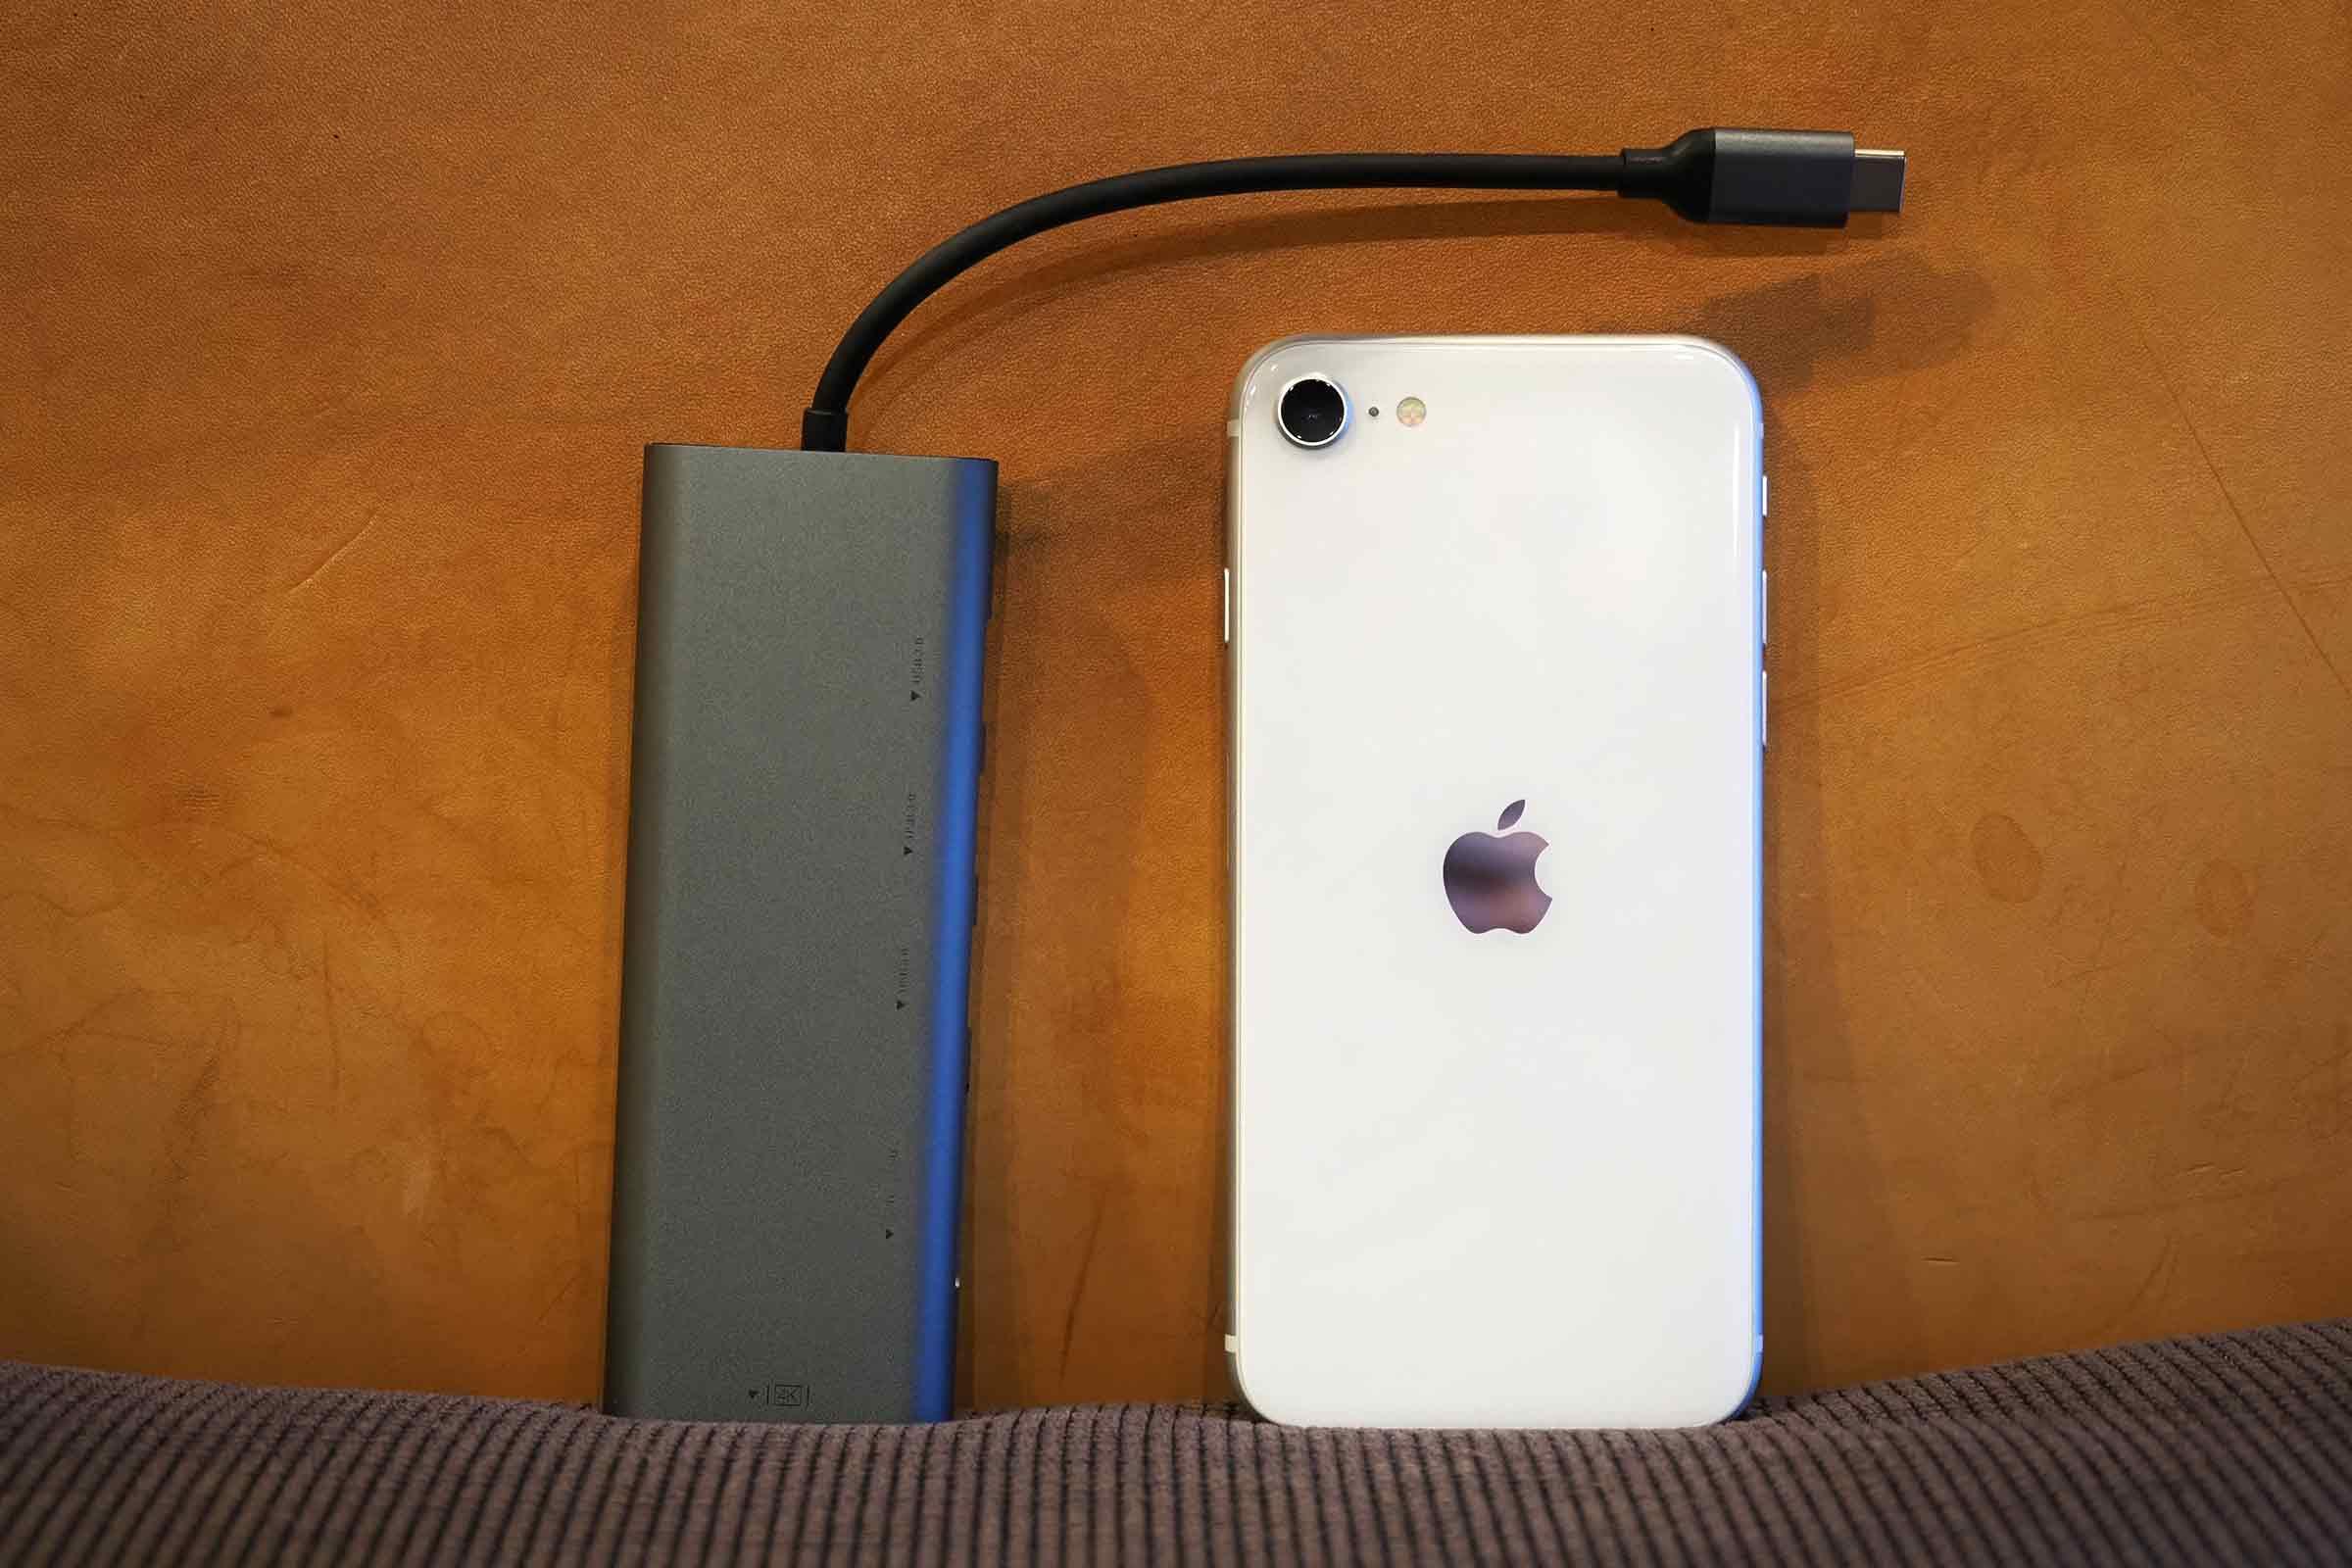 USB-Cハブ,MacBook Pro,パソコン,ガジェット,HDMI,USB3.0,小さい,おすすめ